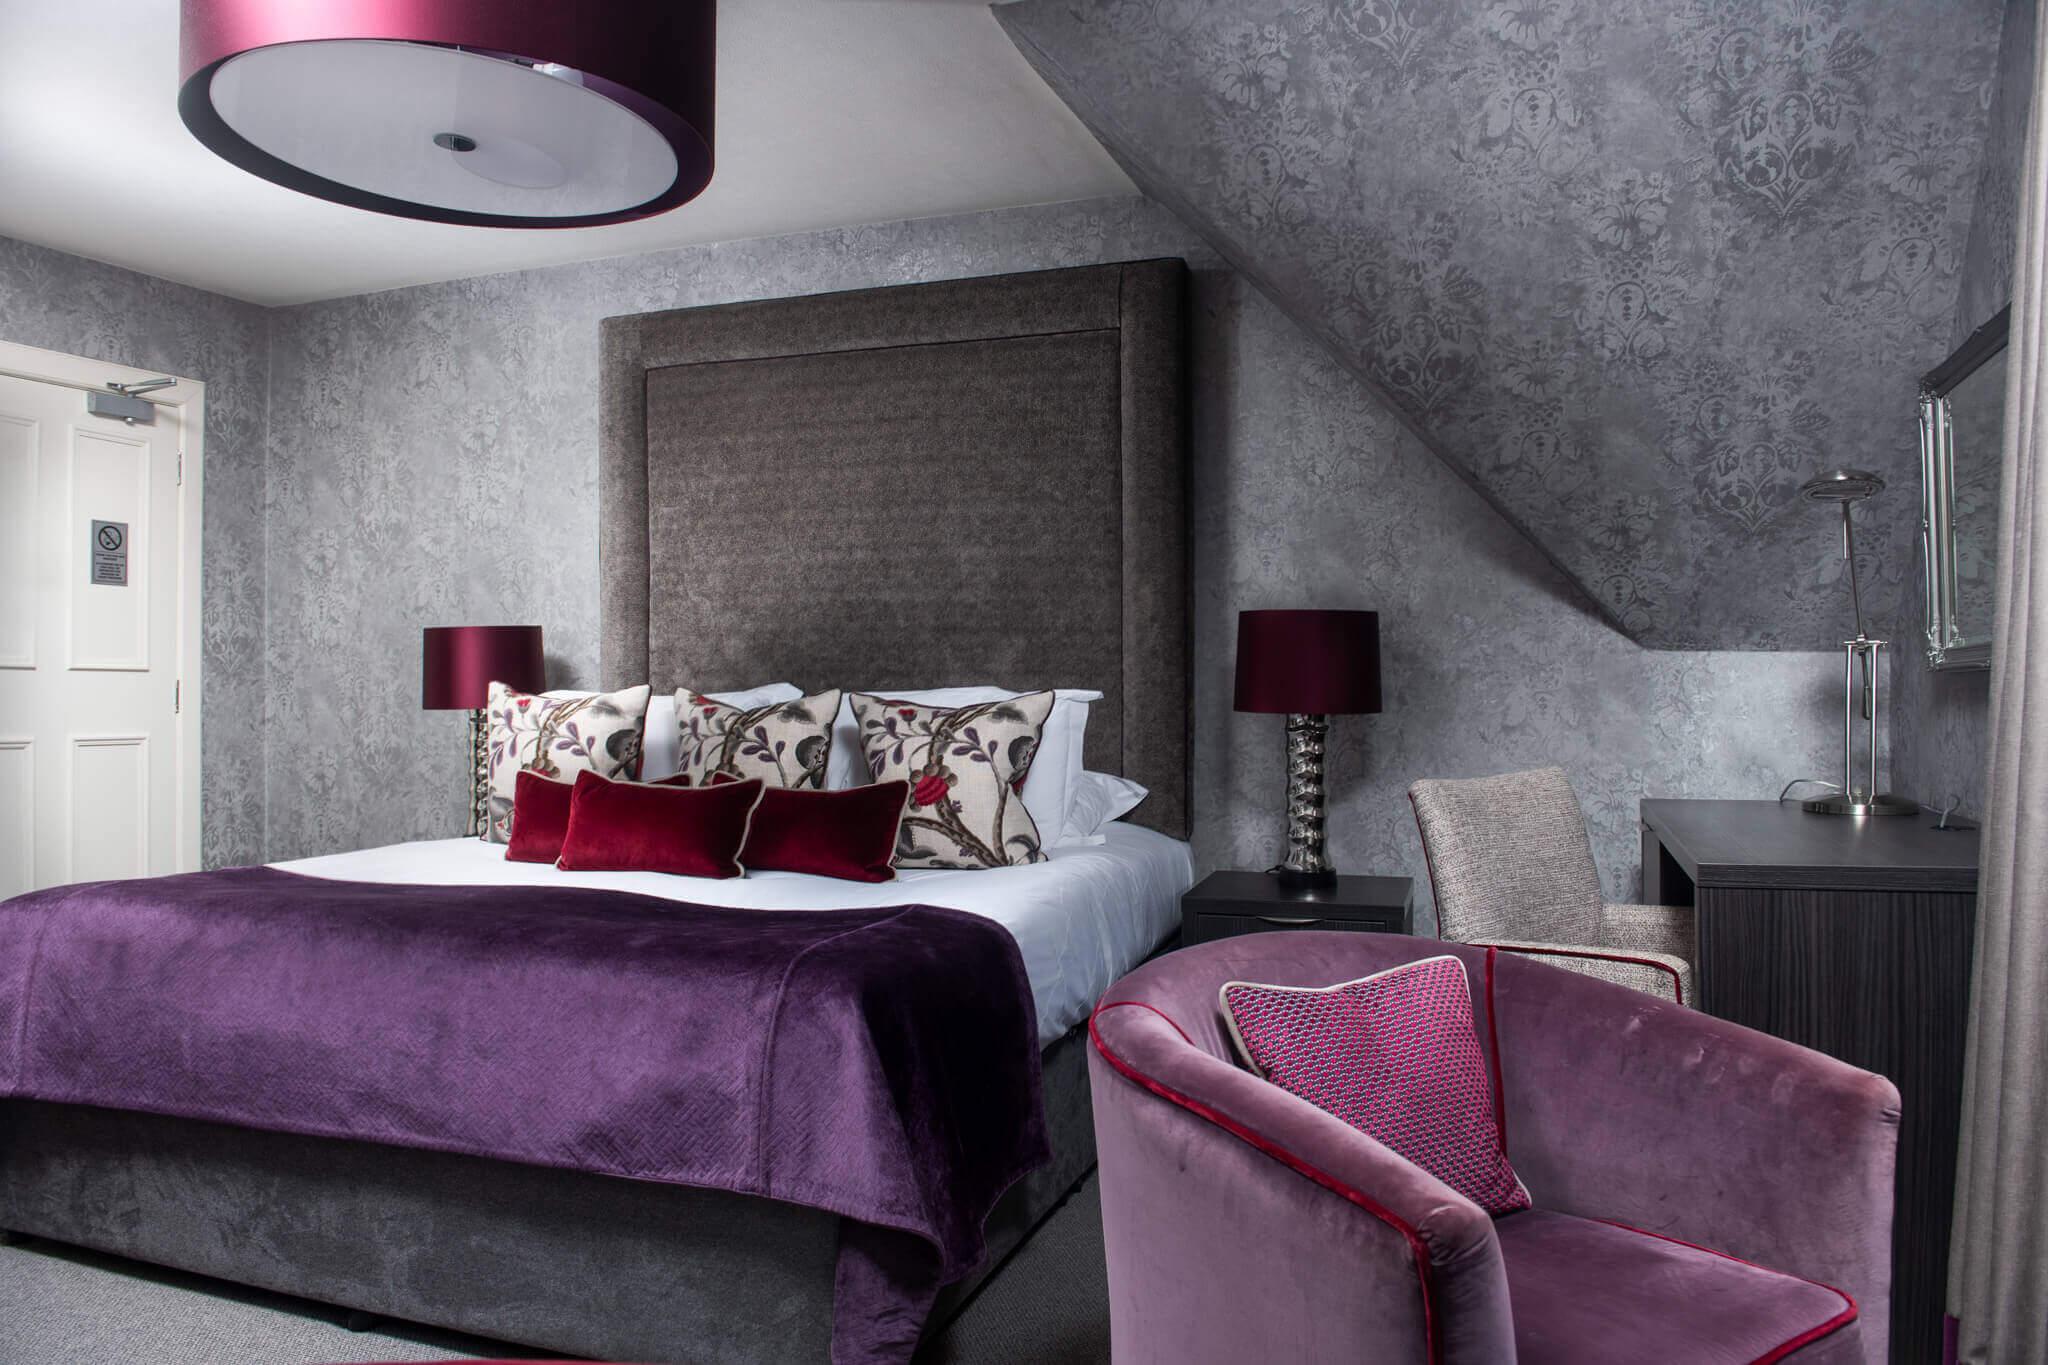 dowans_hotel-ryanjohnstonco-73